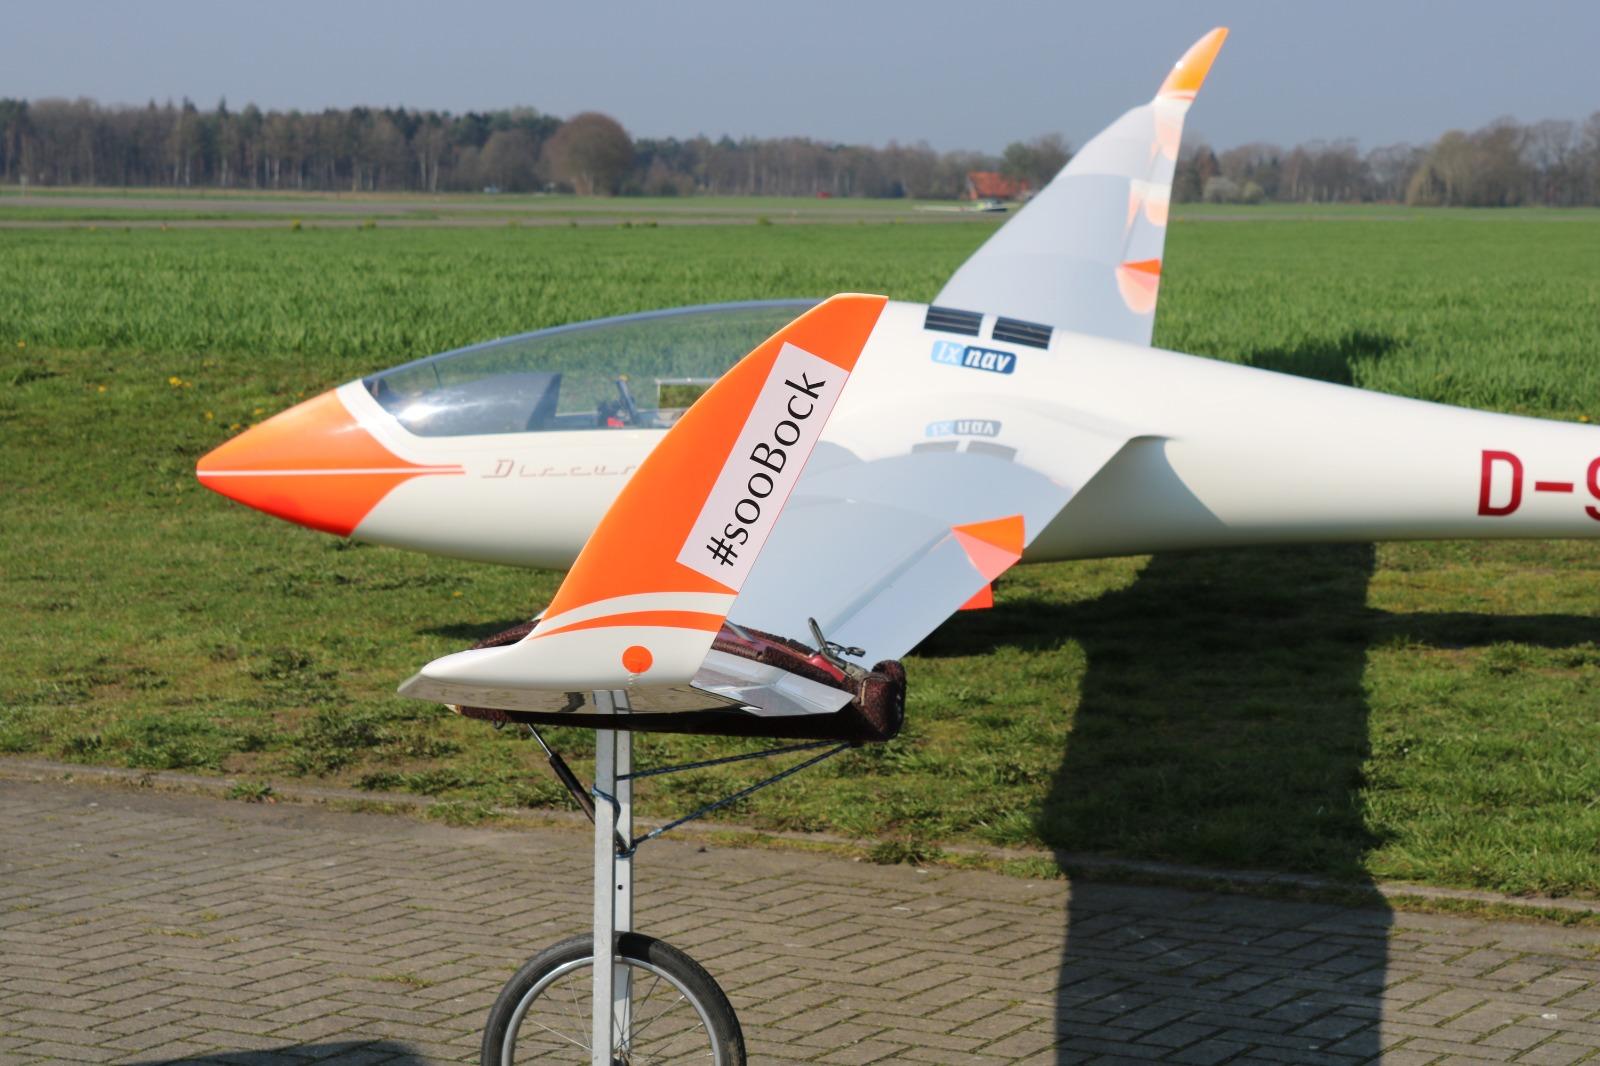 Christoph fliegt mit dem Discus 2b vom Förderverein Leistungssegelflug NRW e.V.